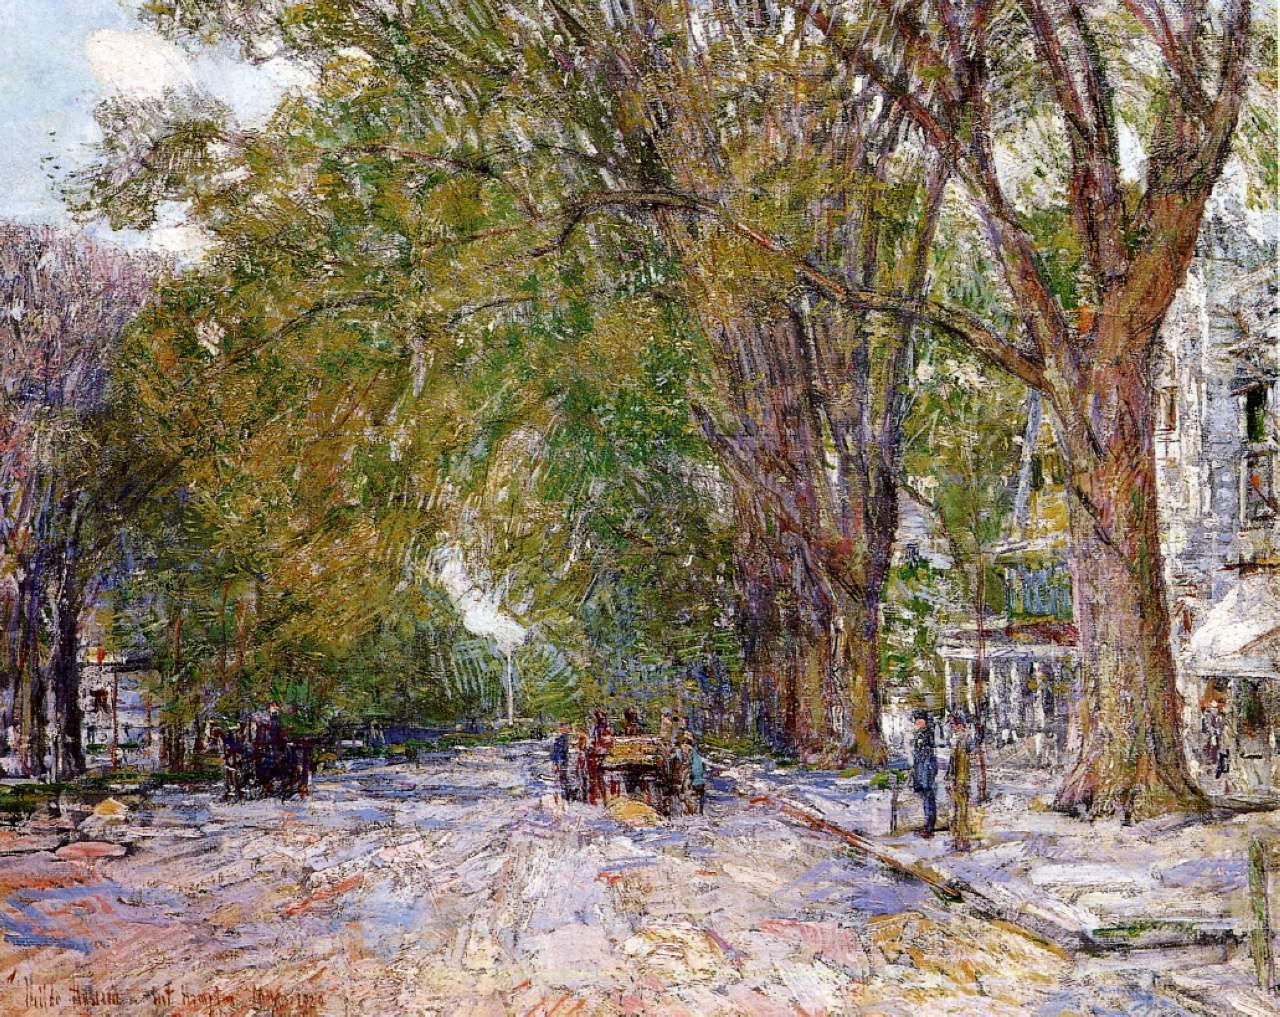 美国画家印象主义画派的代表人物施尔德 哈森图片